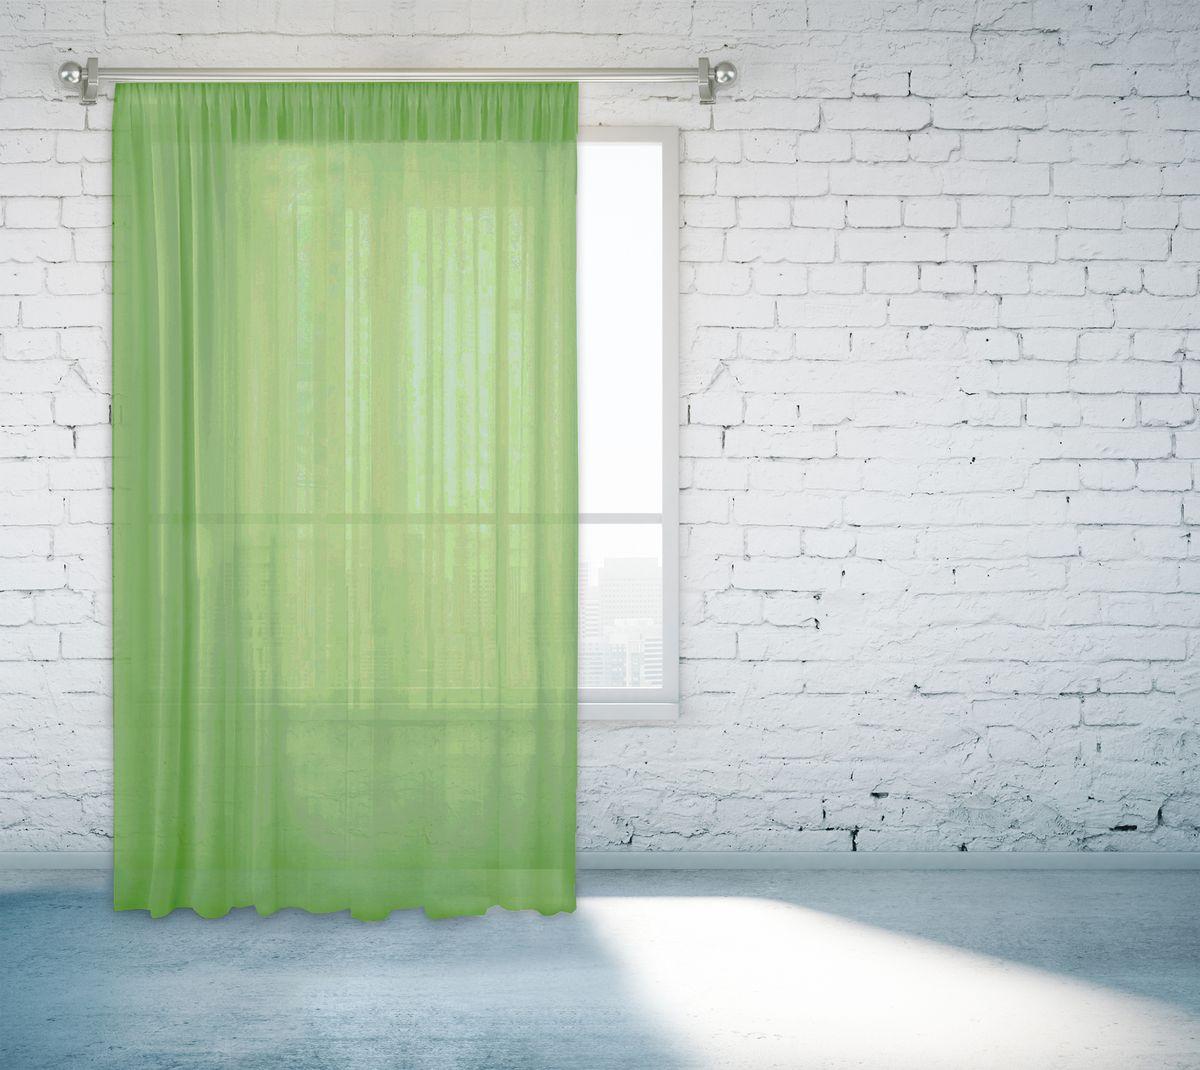 Тюль Zlata Korunka, на ленте, цвет: зеленый, высота 260 смP308-8761/1Тюлевое однотонное полотно из вуали, ширина 150 см. высота 260 см. Крепление на шторной ленте.